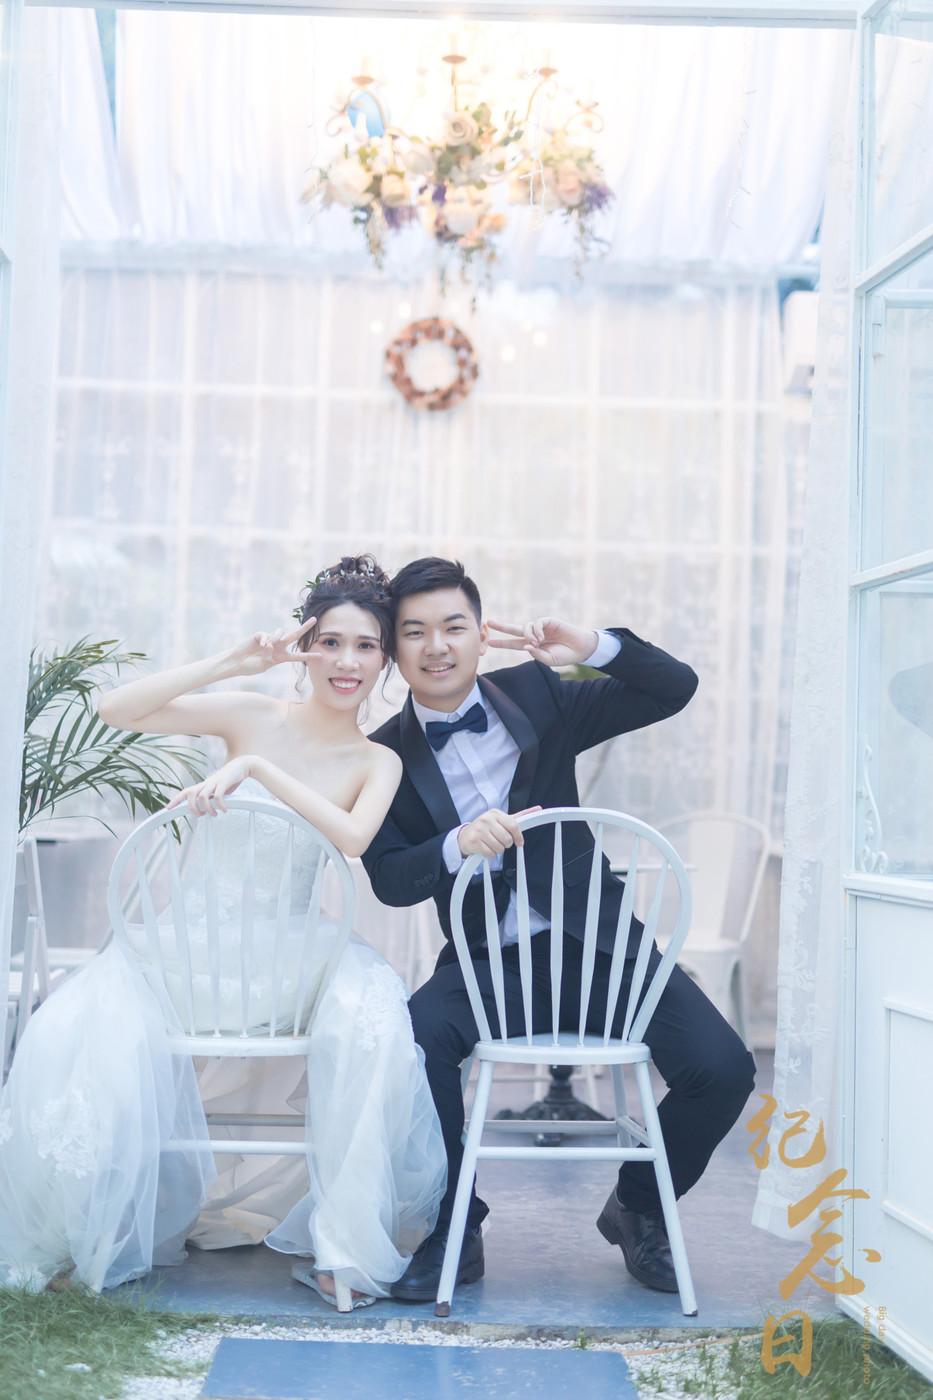 婚纱 | 嘉颖&靖怡23